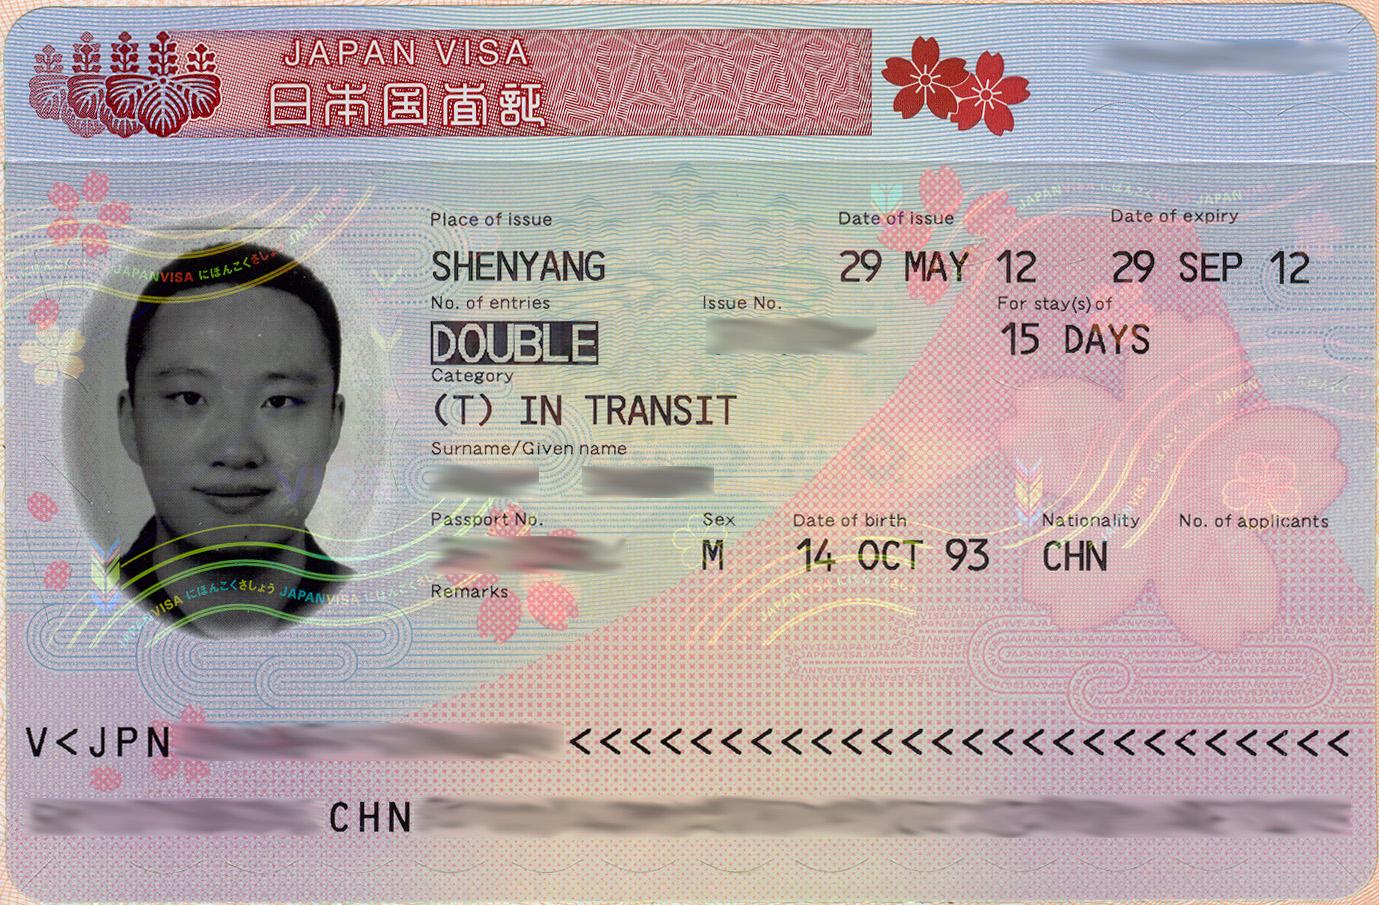 Negara Yang Rakyat Malaysia Boleh Lawati Tanpa Visa Senarai Perlu Visa Update Julai 2019